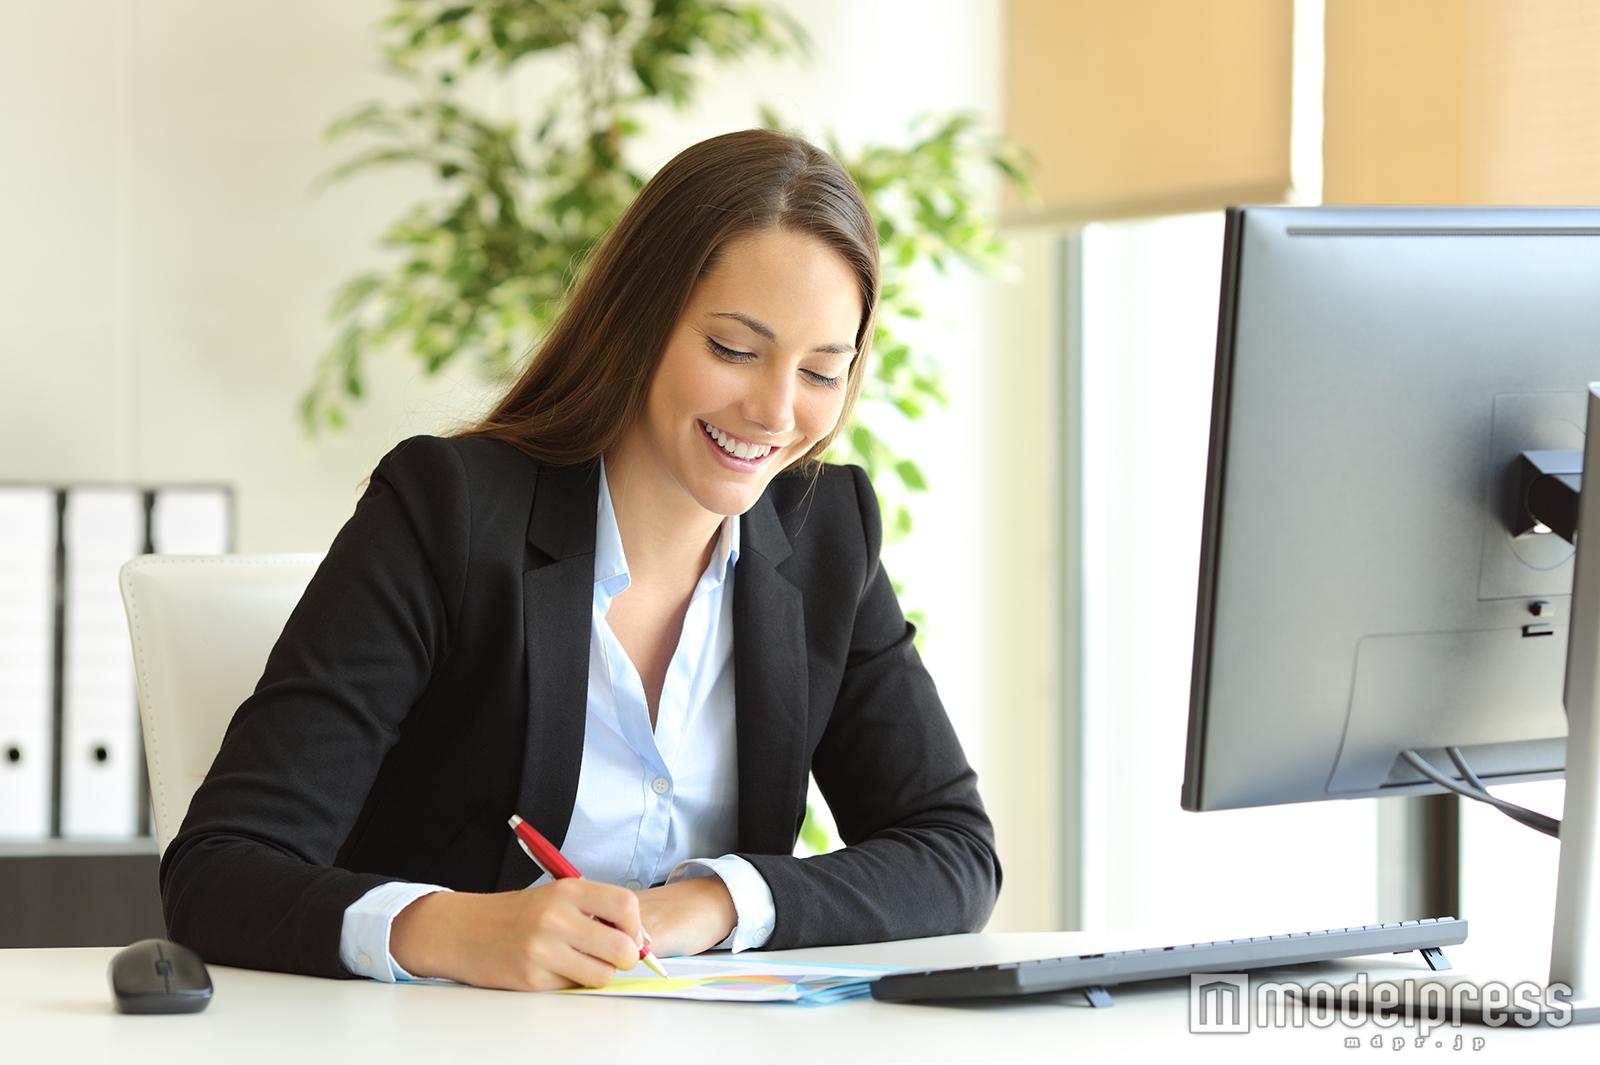 転職に悩む必要なし!転職する人の特徴と成功の条件/Photo by Antonio Guillem